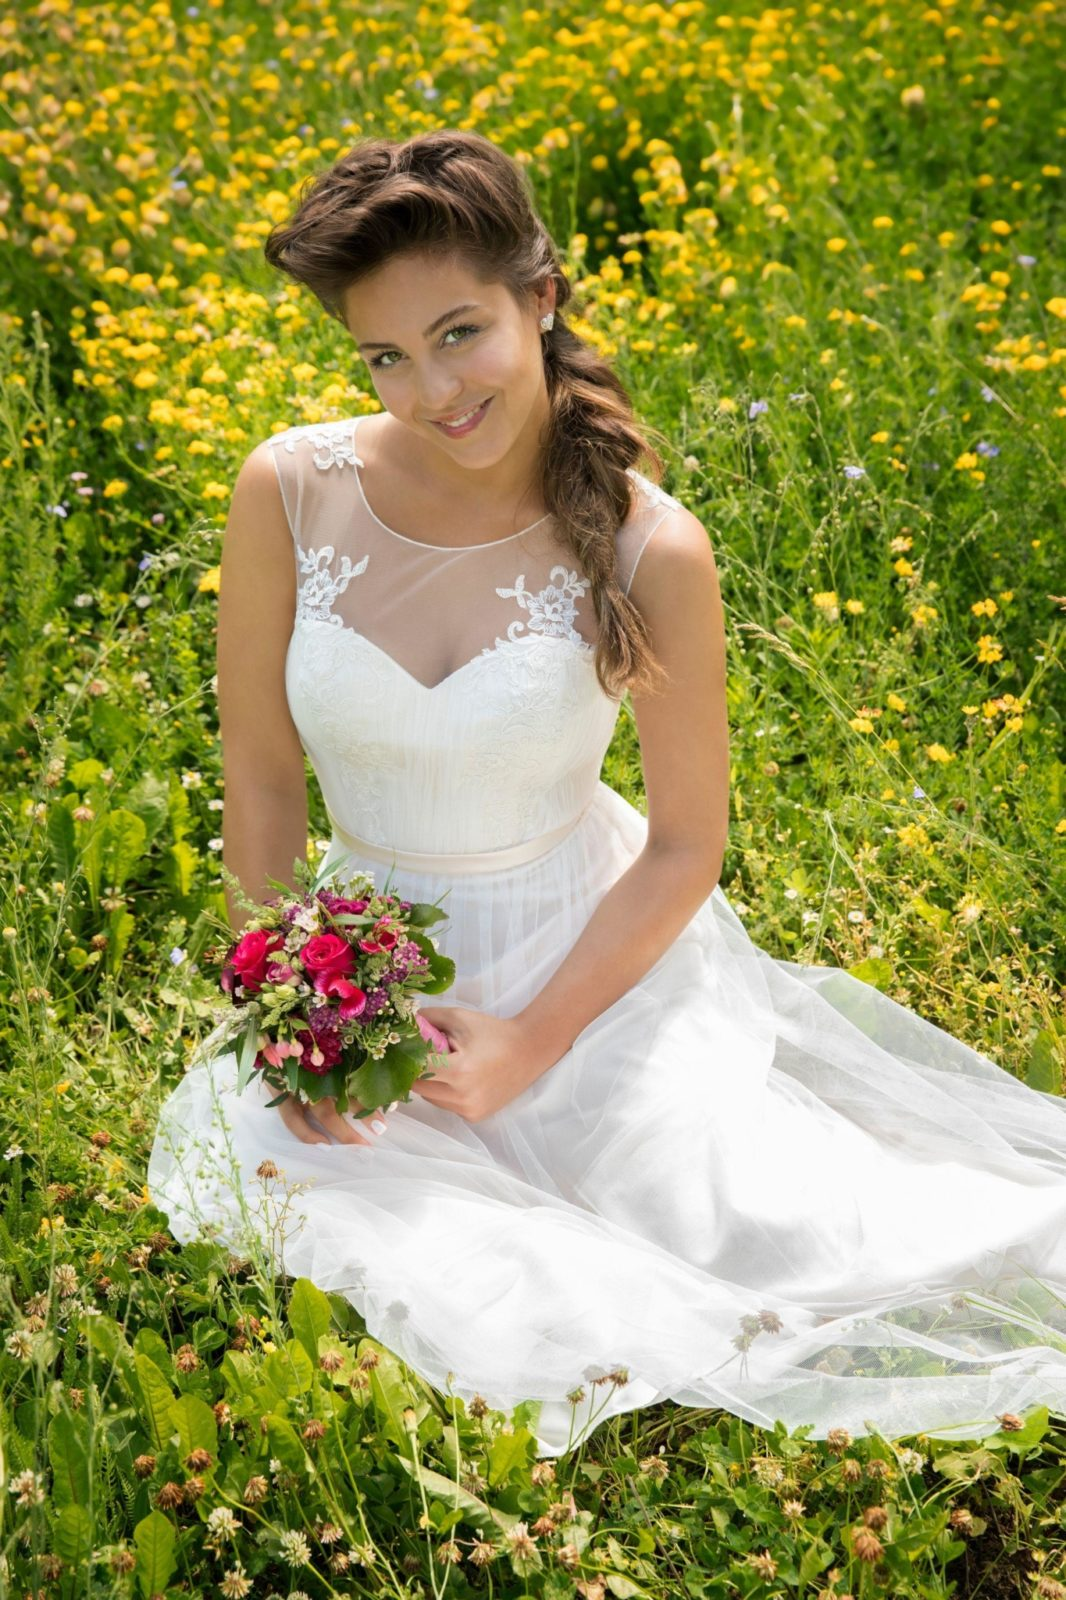 Brautmoden Opree In Heusenstamm Brautmoden Opree